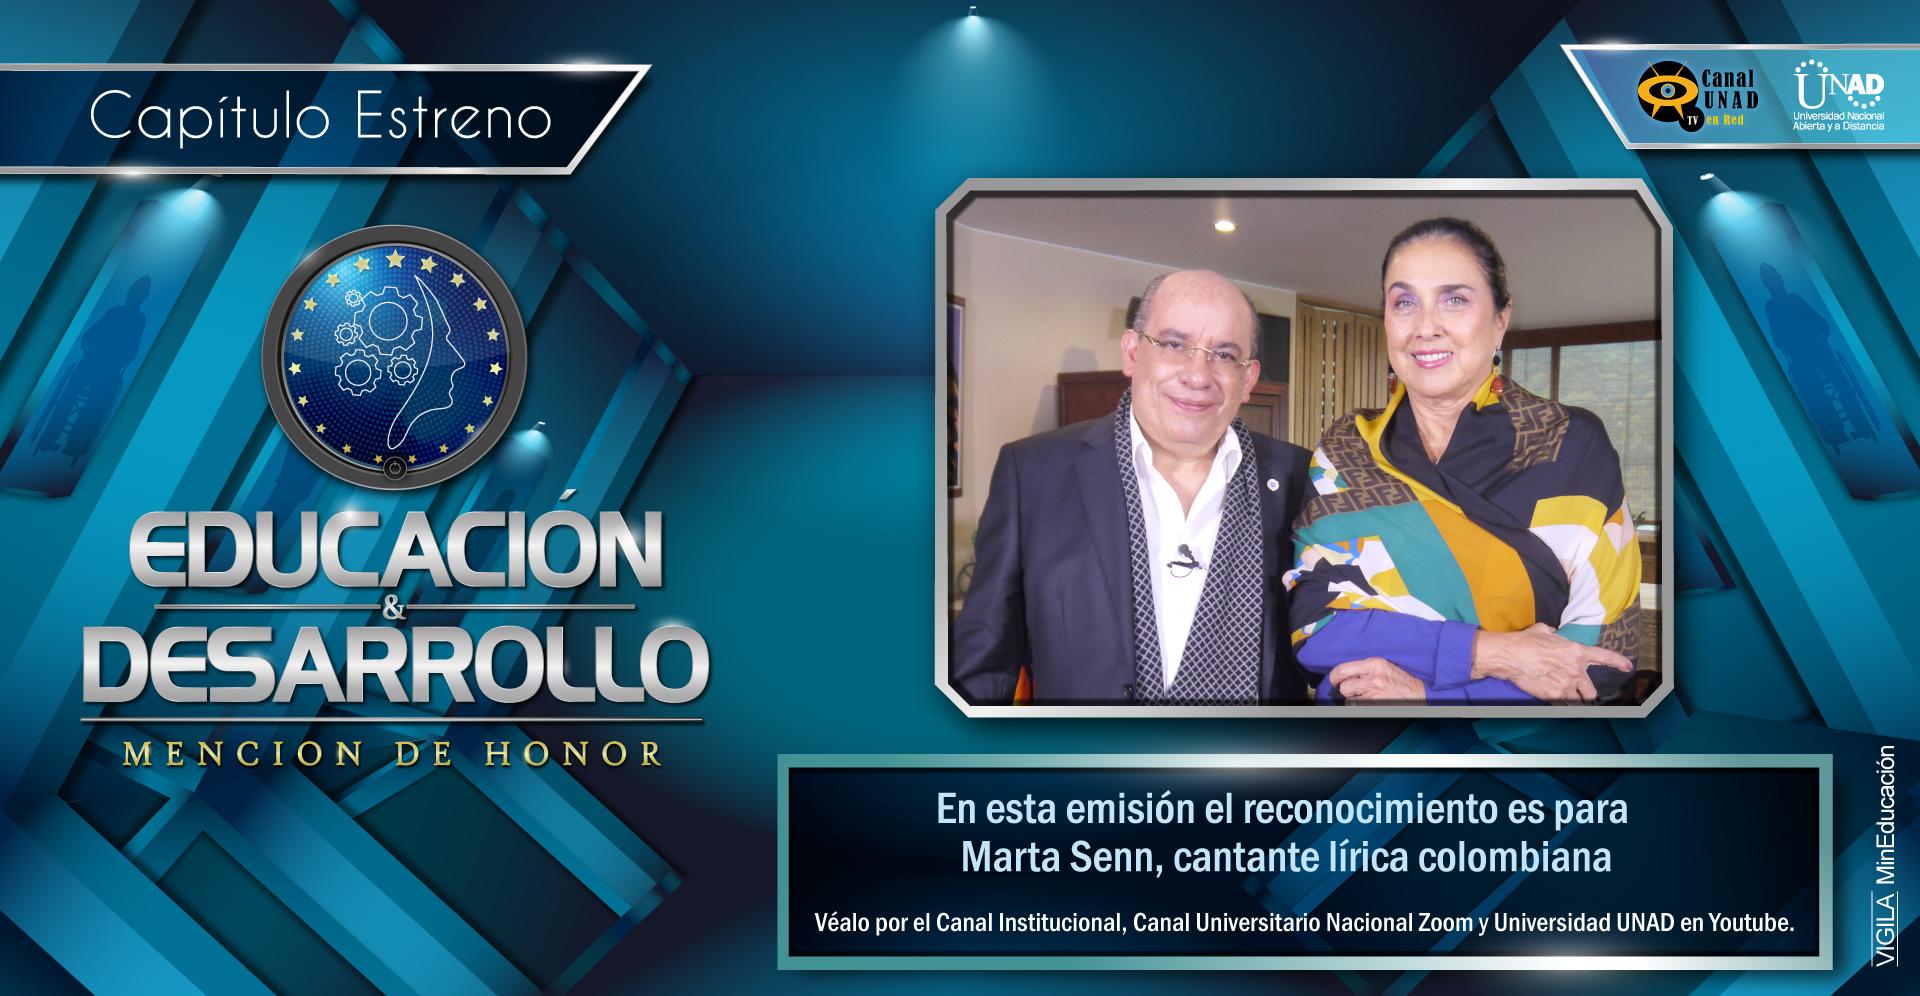 PROGRAMA EDUCACIÓN DESARROLLO 2 Marta Senn 1 Lanzamiento PORTAL TV